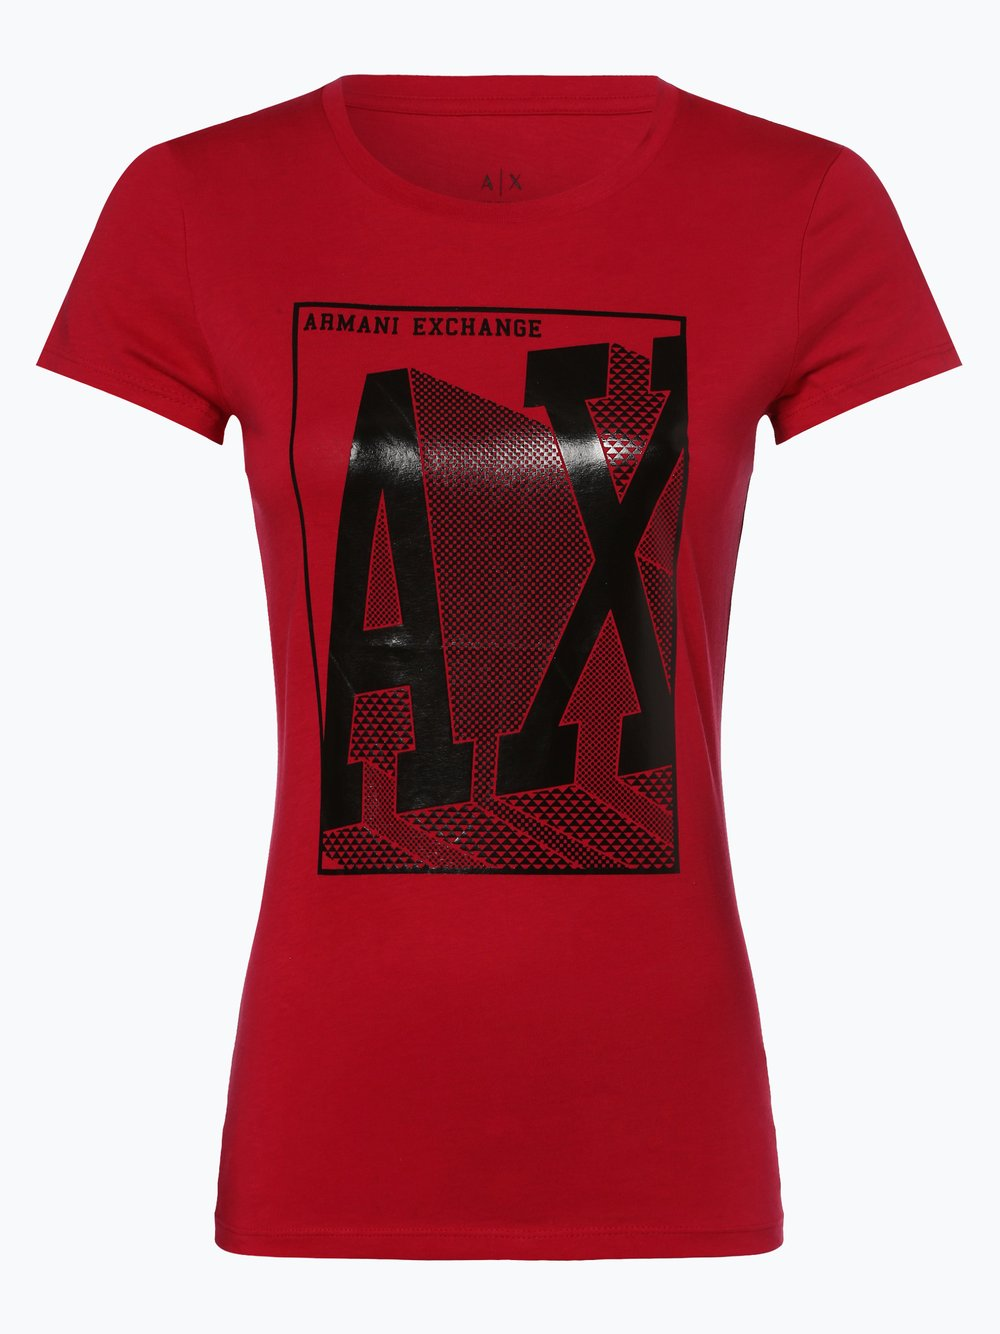 Armani Exchange - T-shirt damski, różowy Armani Exchange